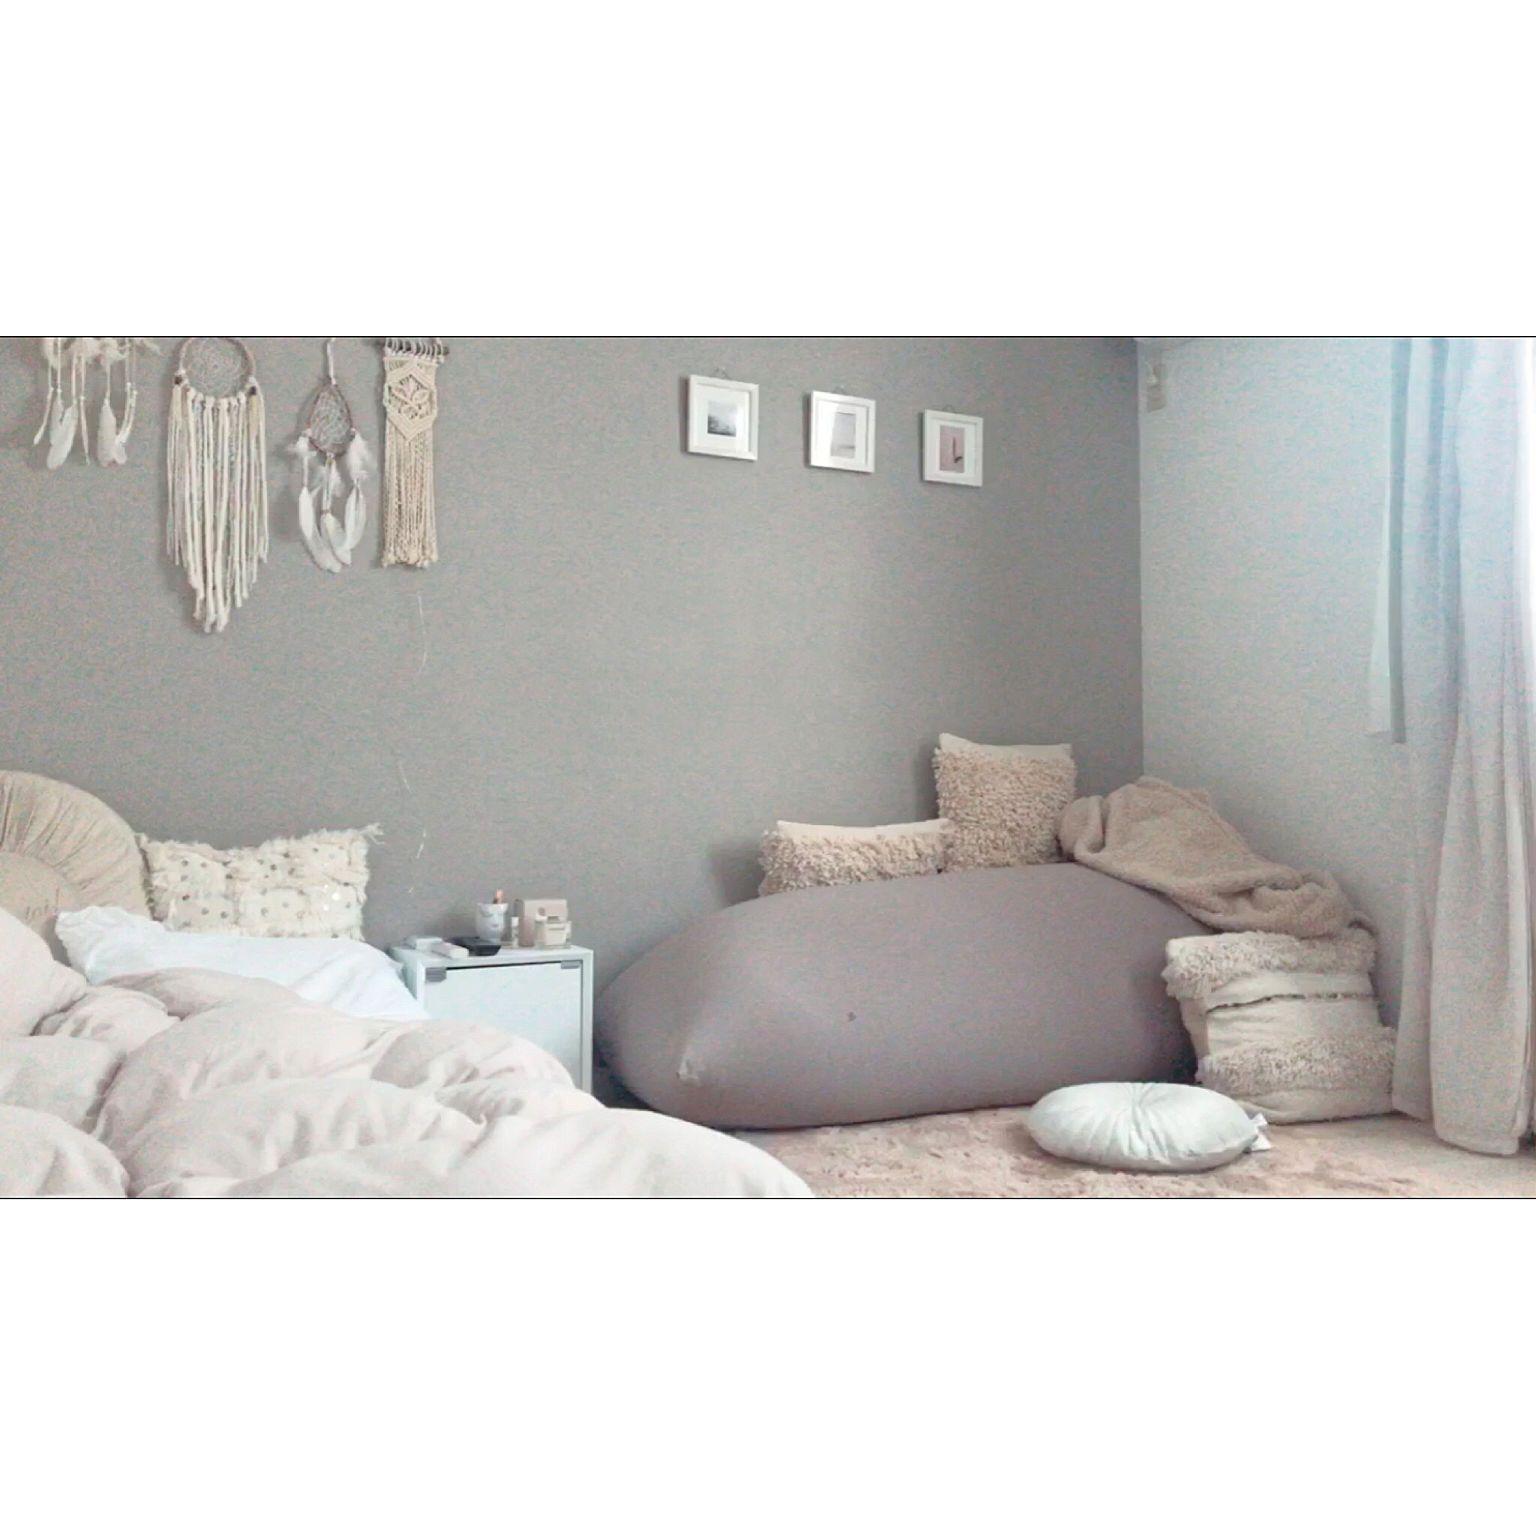 真似したくなる 一人暮らしインテリア 1k ワンルームレイアウト 男子部屋 Naver まとめ Room Layout Room Interior Interior